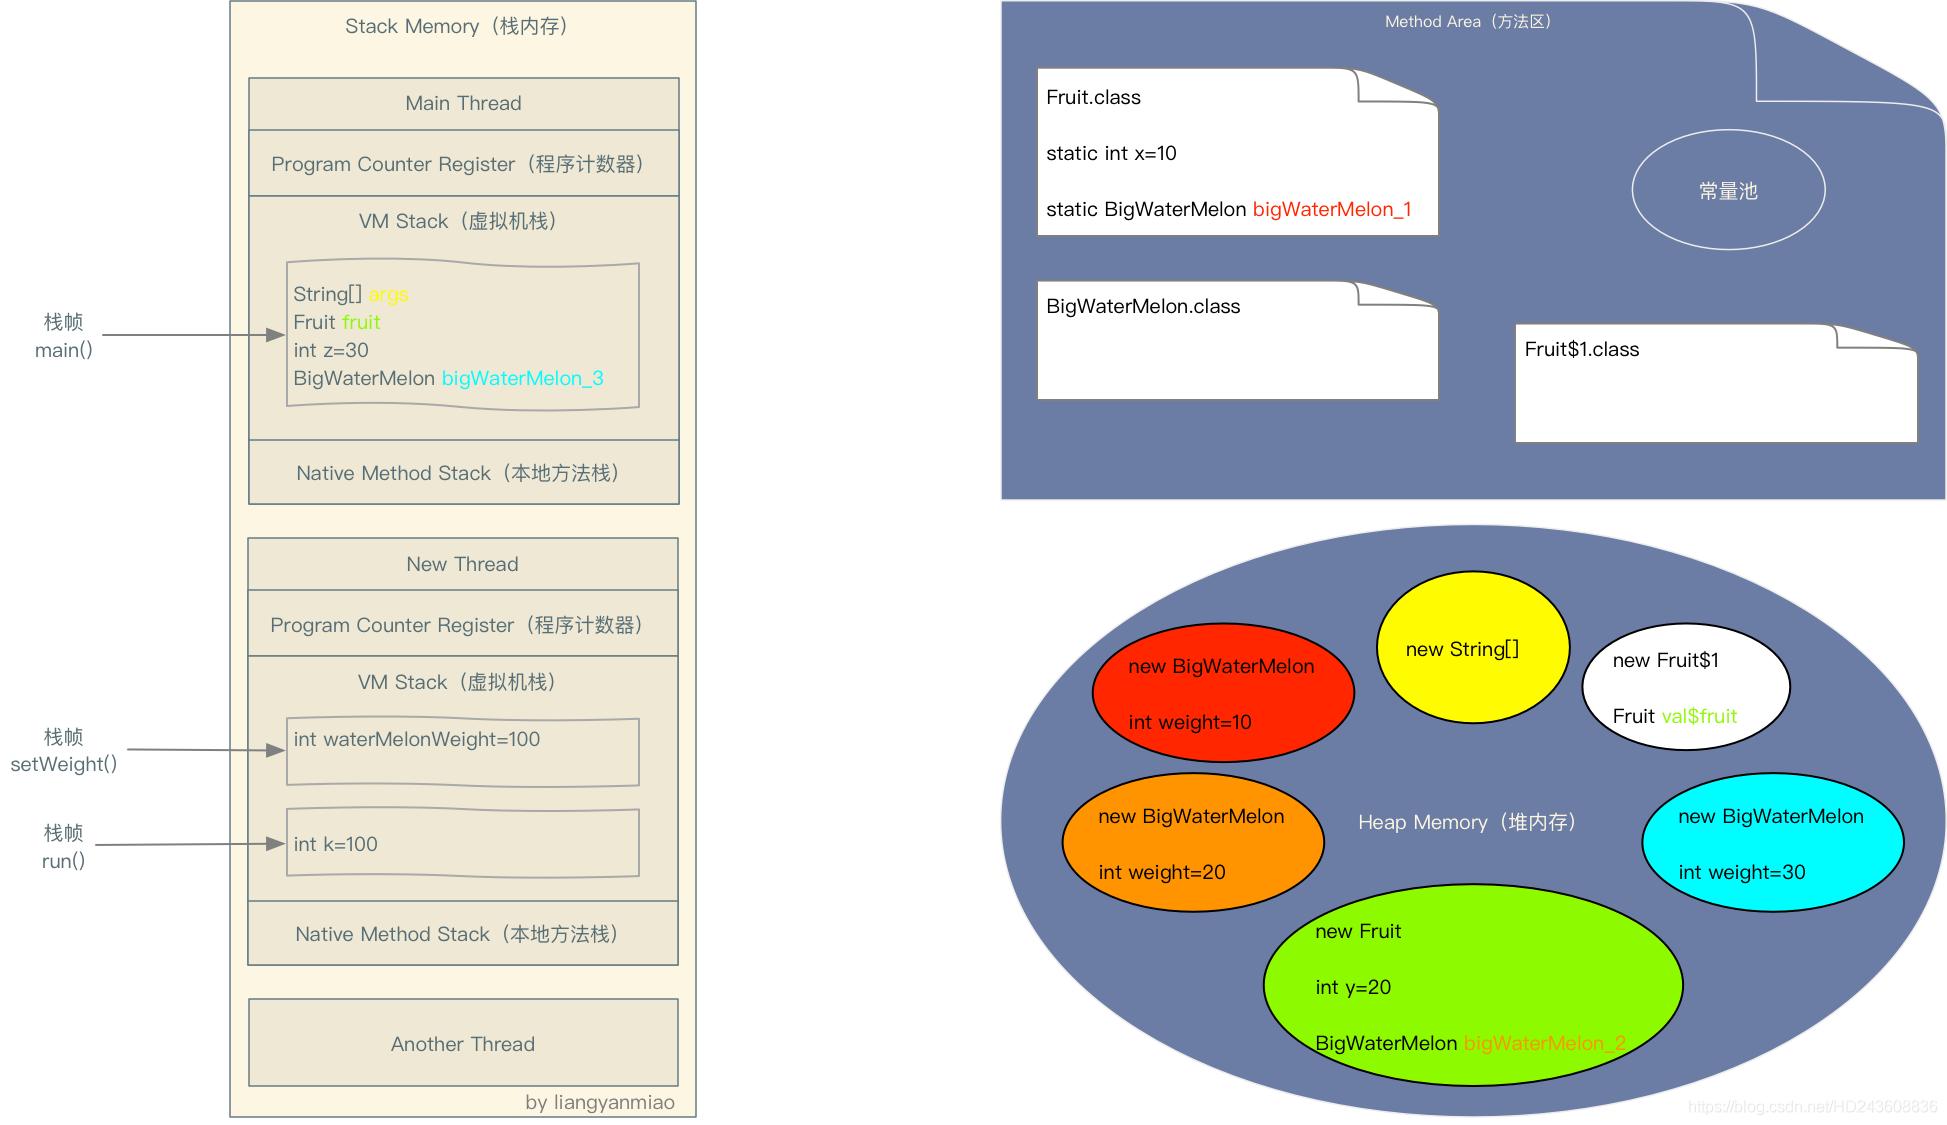 JVM存储位置分配——java中局部变量、实例变量和静态变量在方法区、栈内存、堆内存中的分配插图